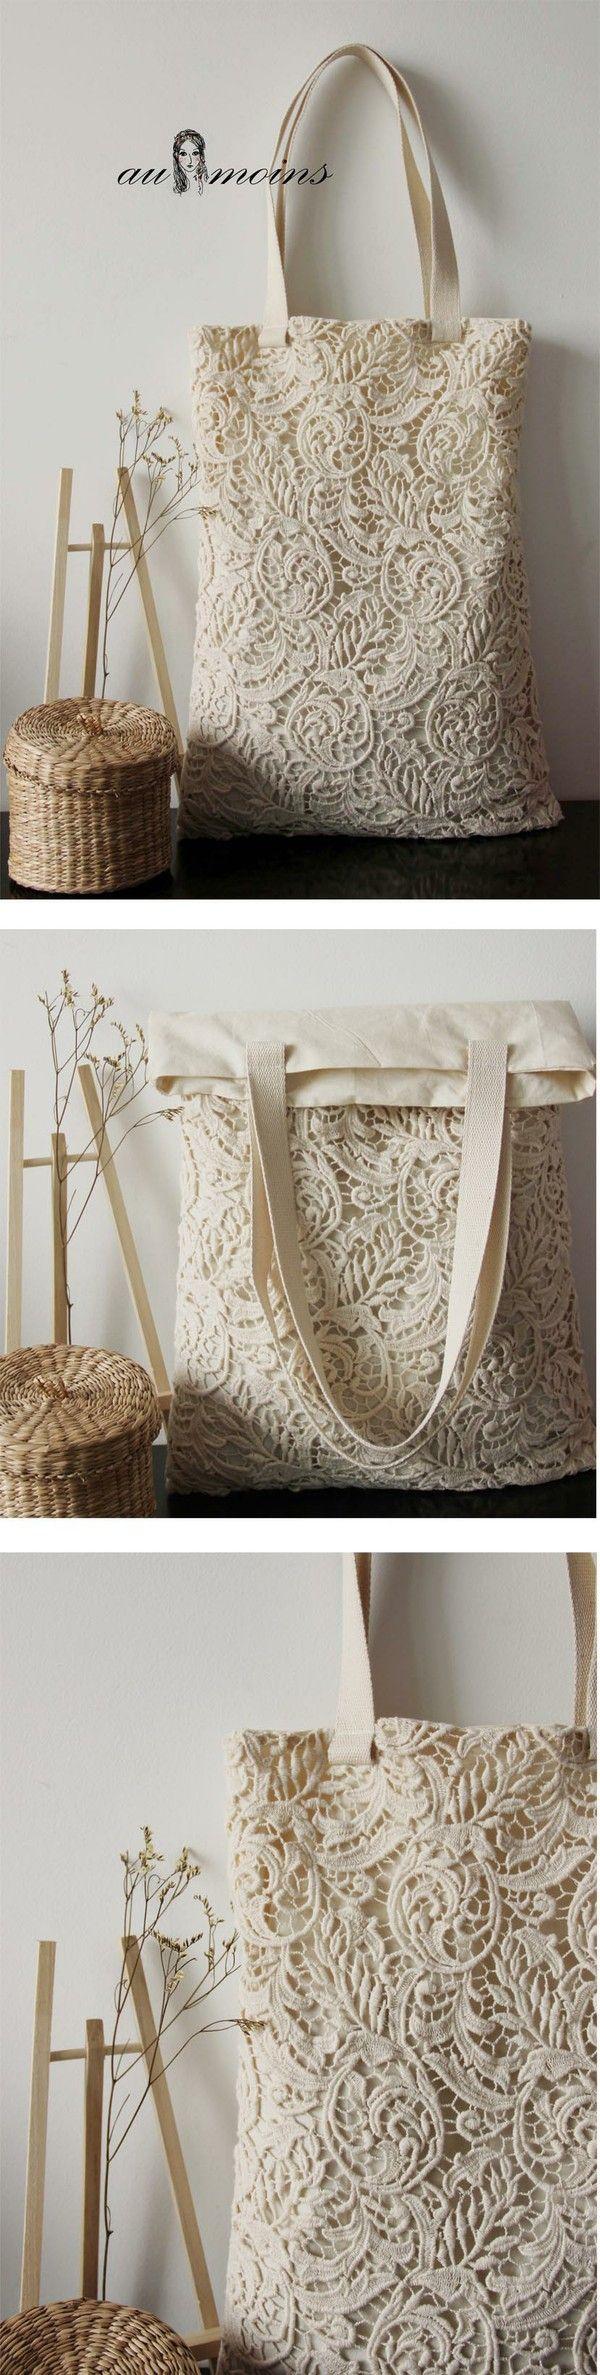 Ja que nao consigo achar uma bolsa branca bonita, vou fazer uma dessas com retalhos que tenho de renda branca...